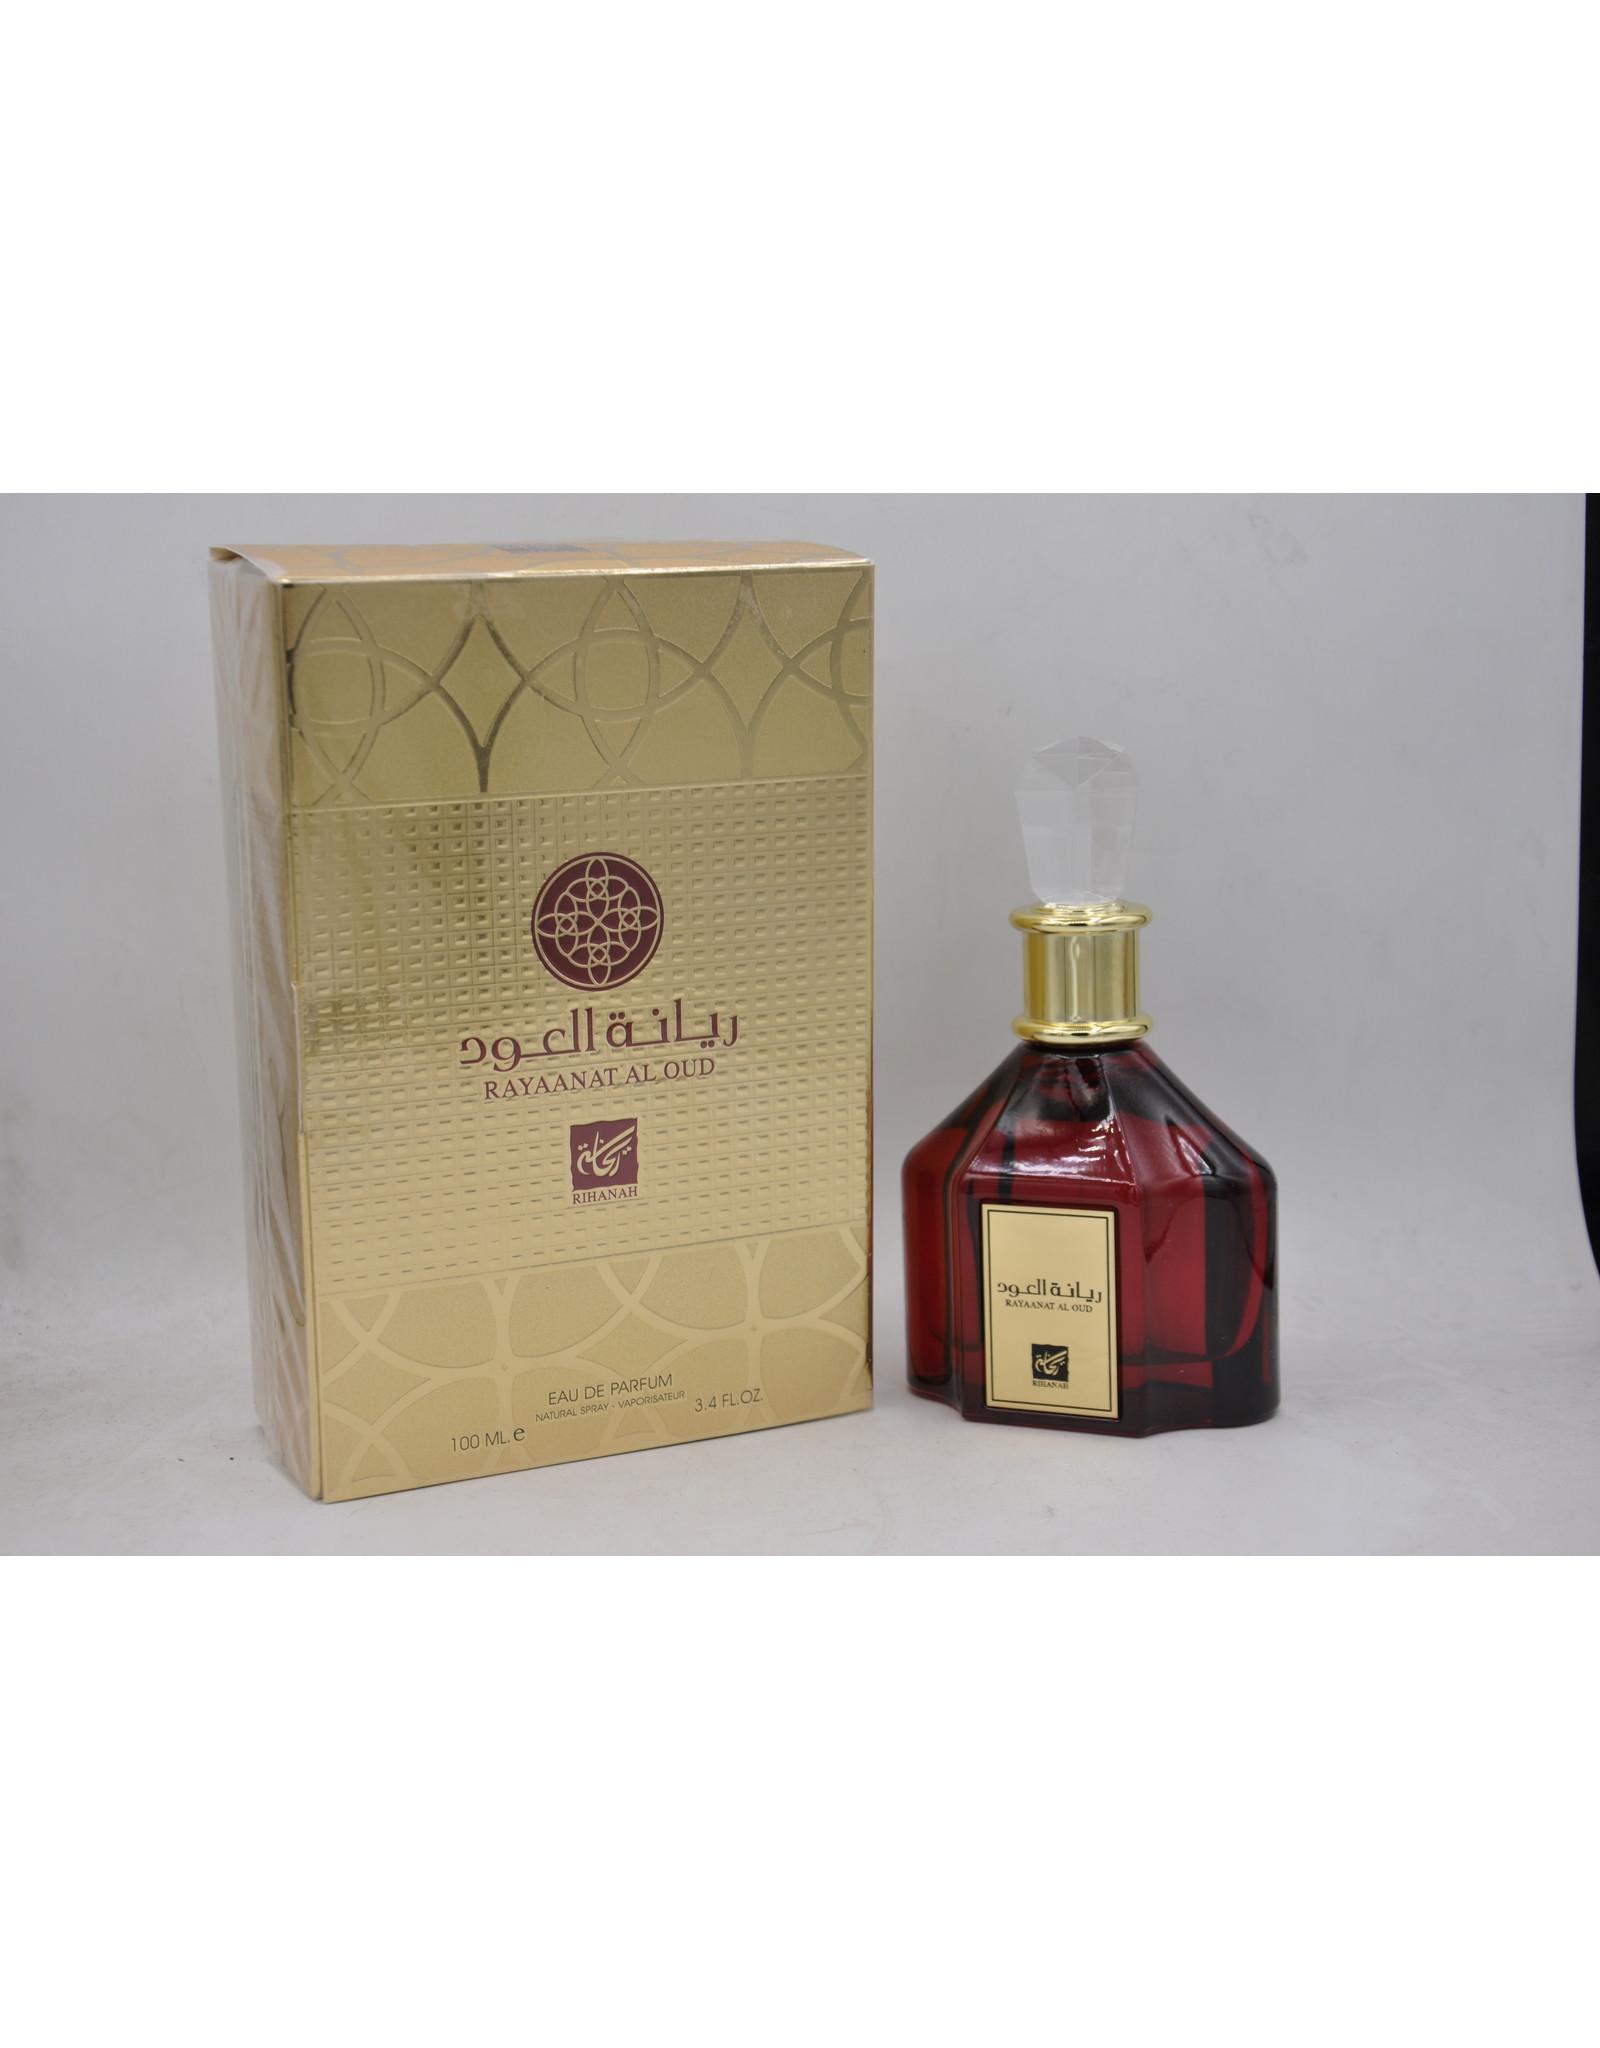 Niche Parfums Rayanat al oud edp 100 ml